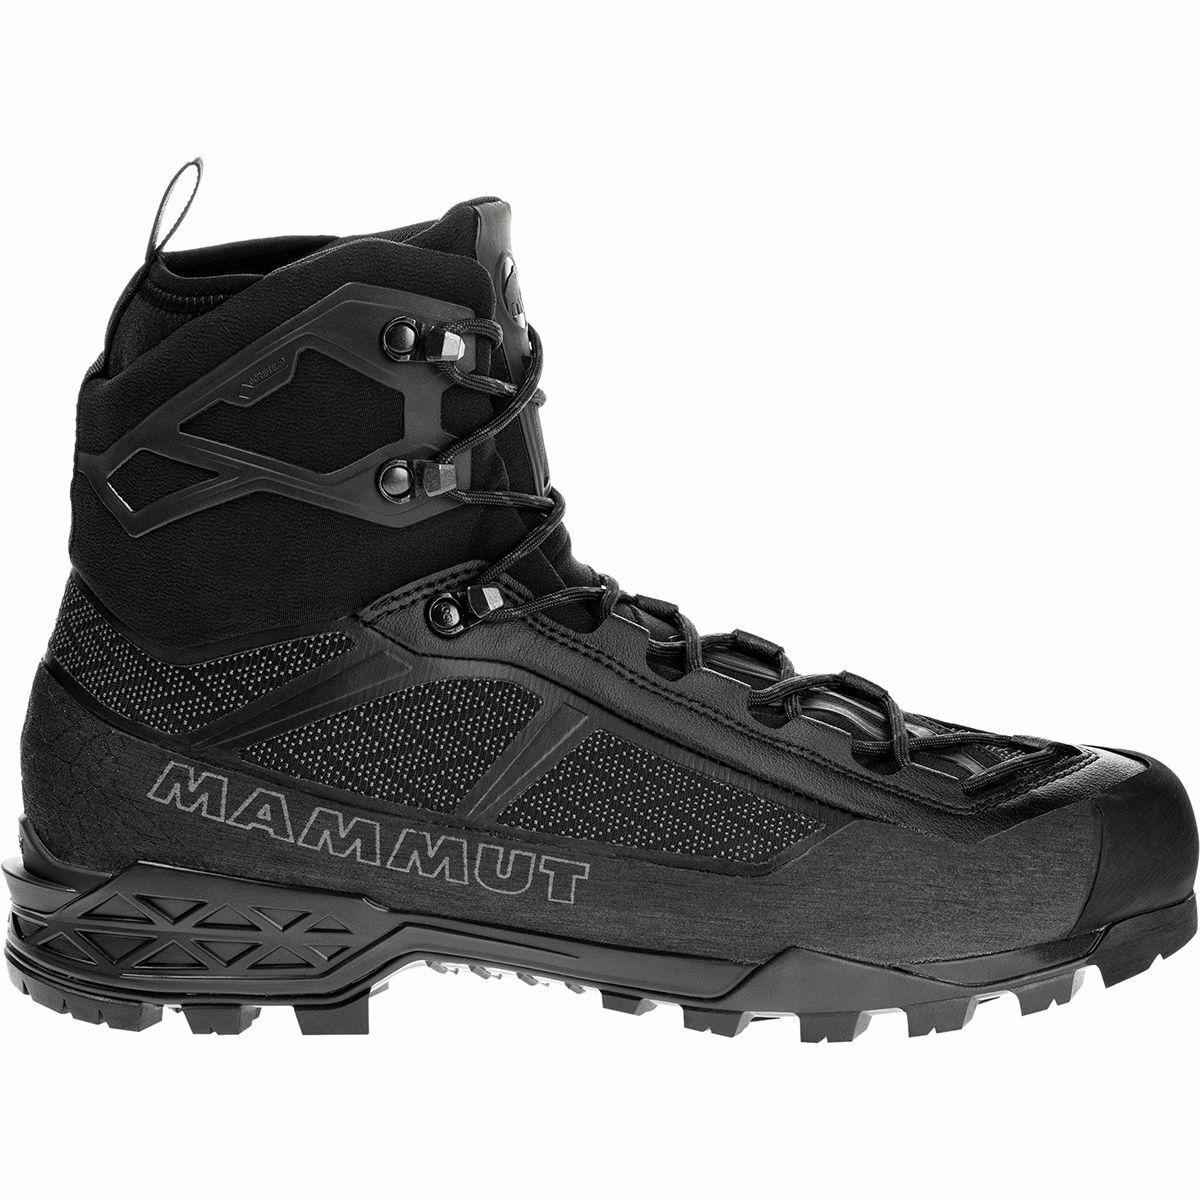 Photo of Mammut Taiss Light Mid GTX Mountaineering Boot – Men's